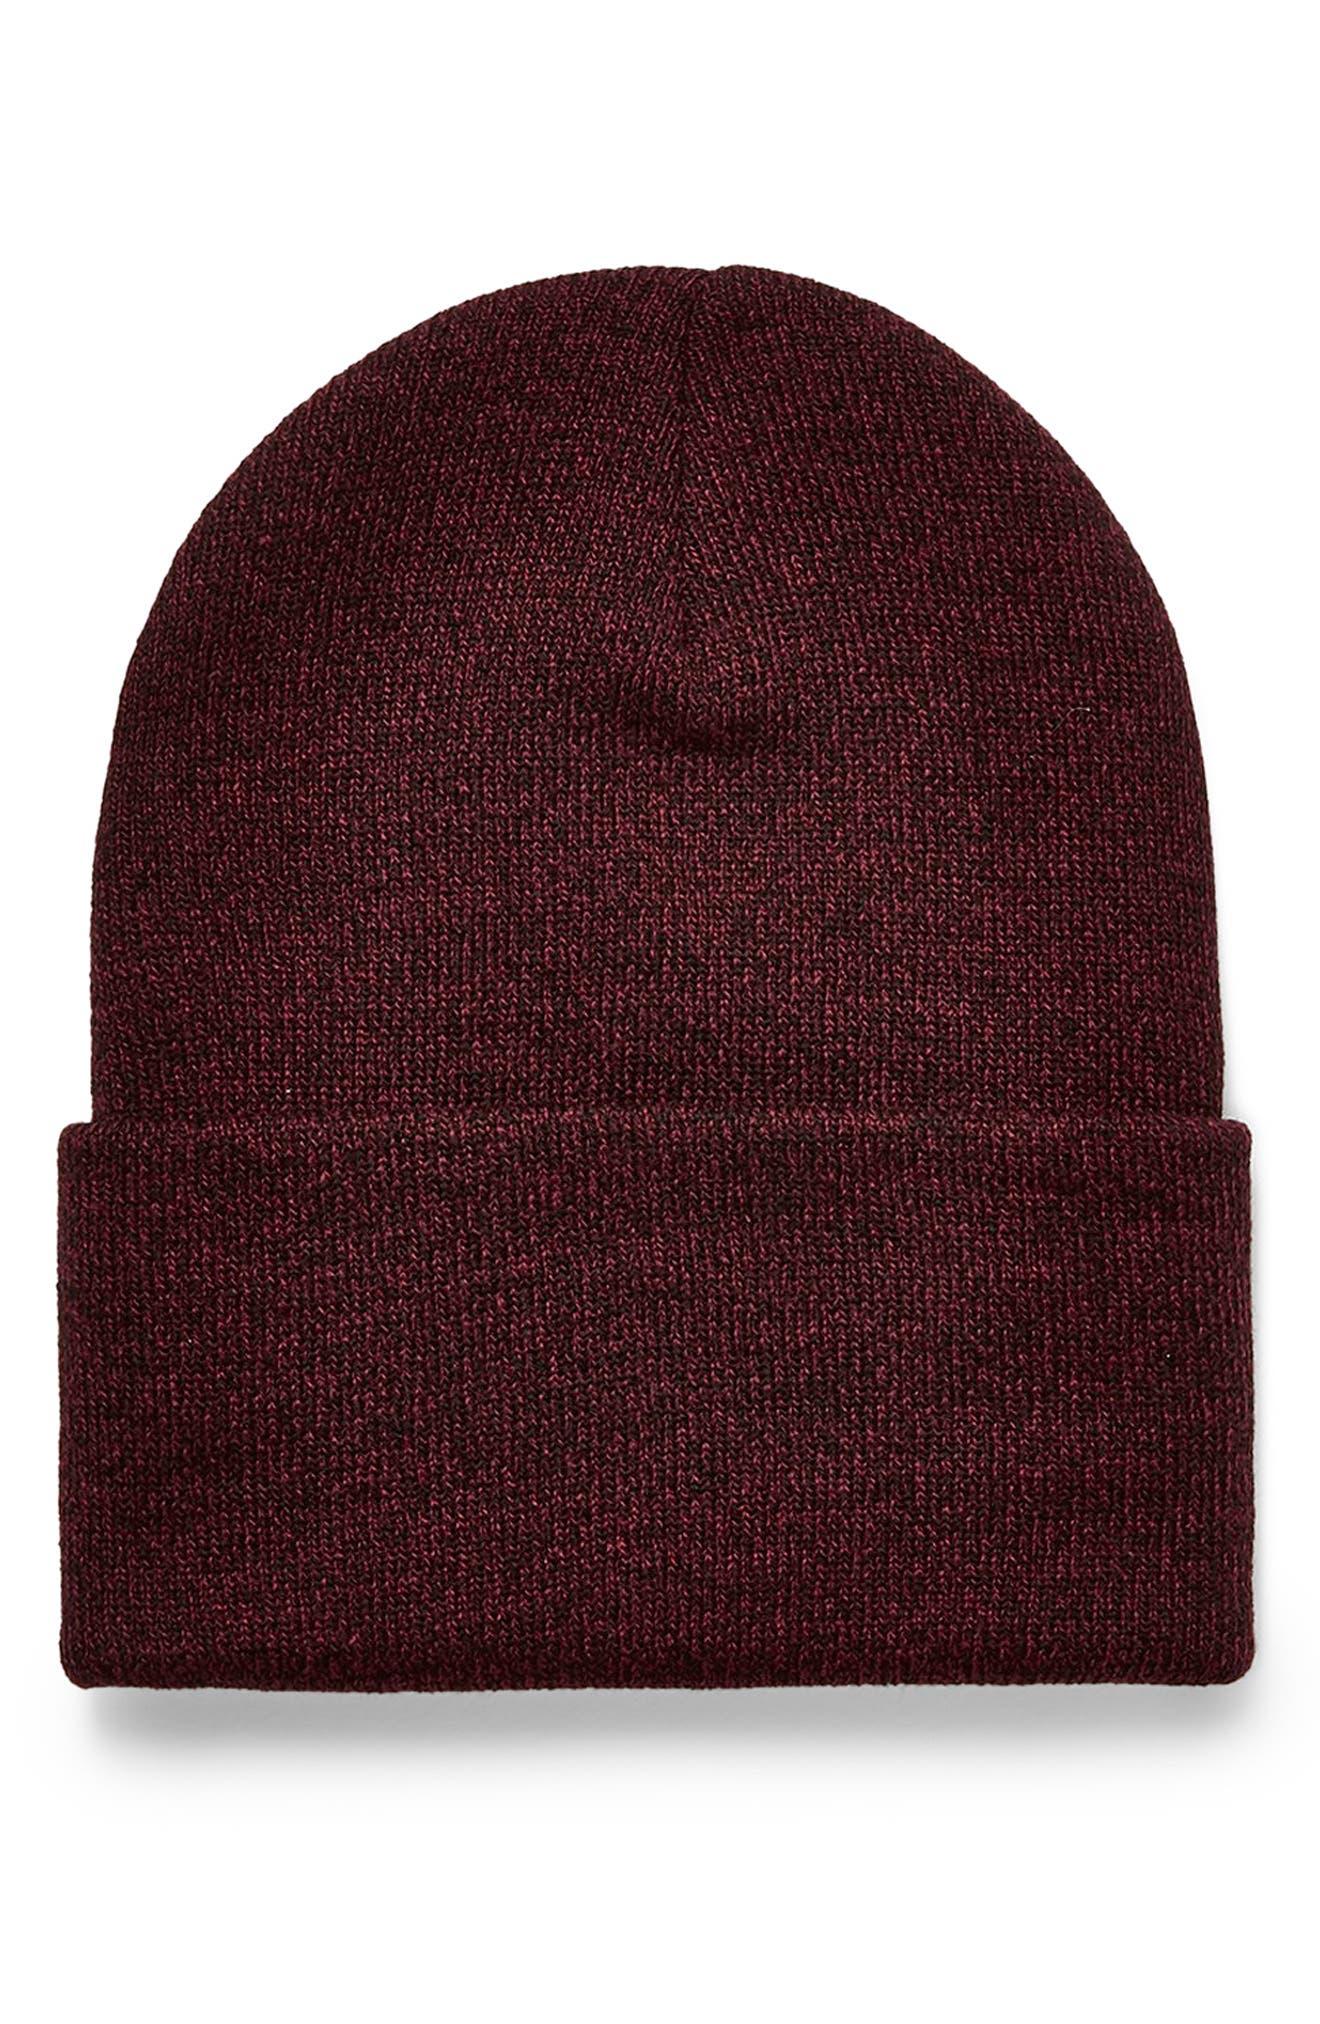 Knit Beanie,                             Main thumbnail 1, color,                             930